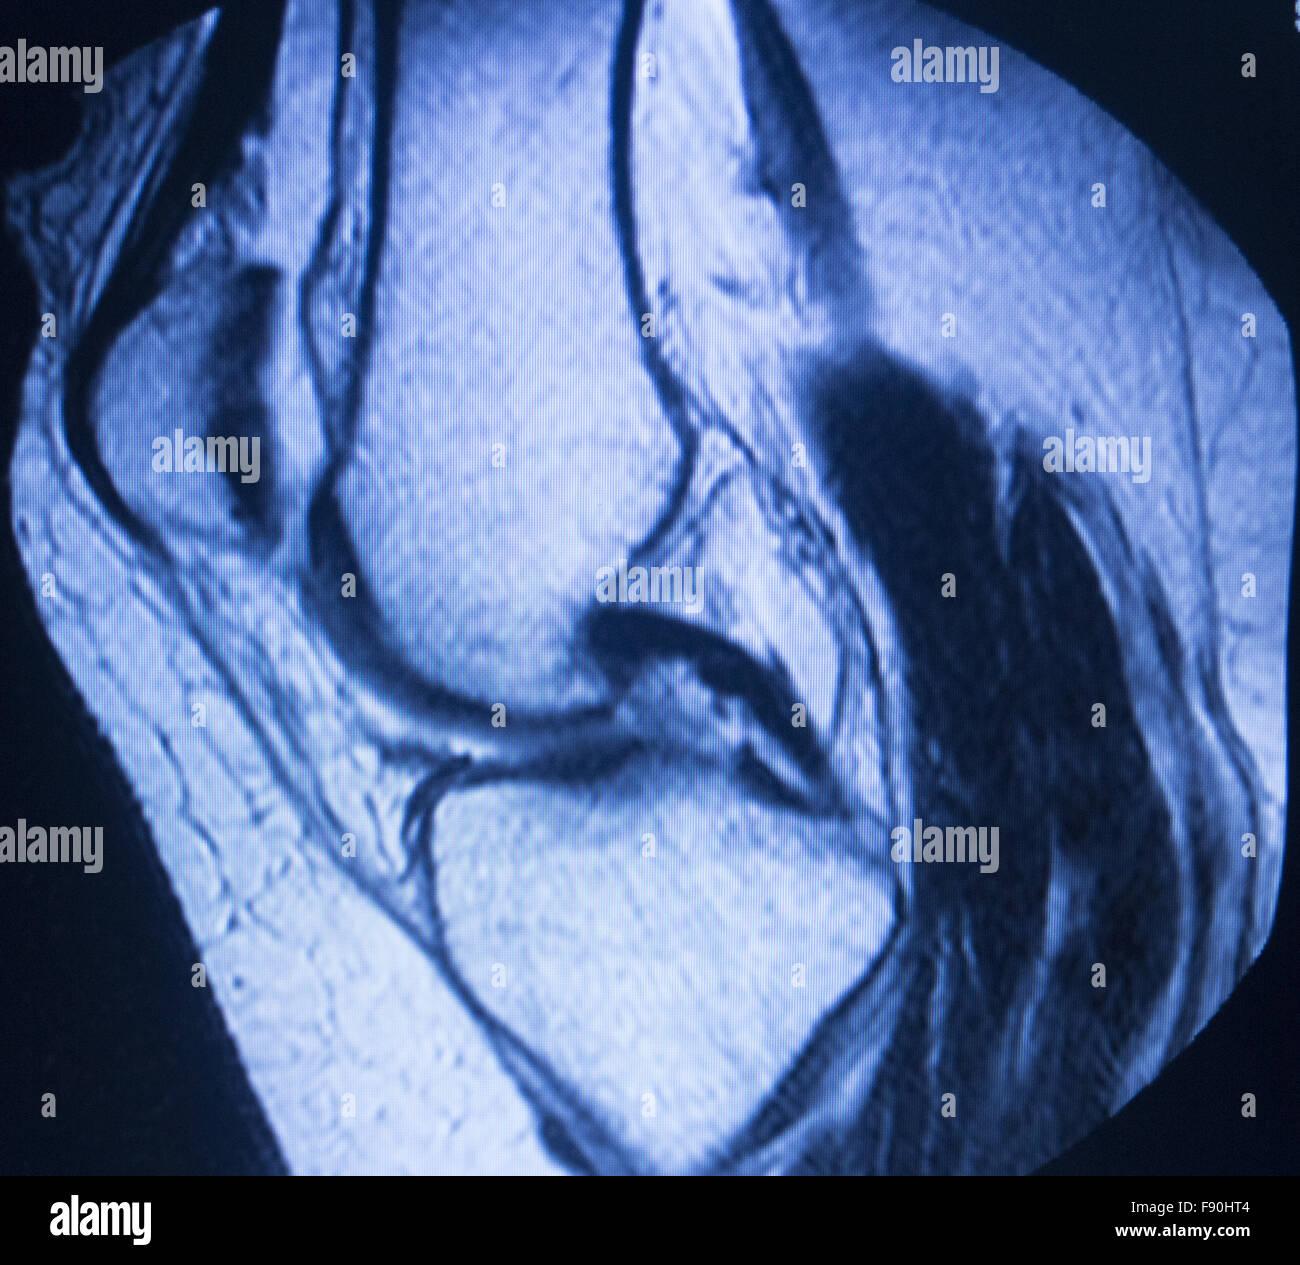 MRT Magnet-Resonanz-Tomographie medizinische Scan-Test-Ergebnisse ...